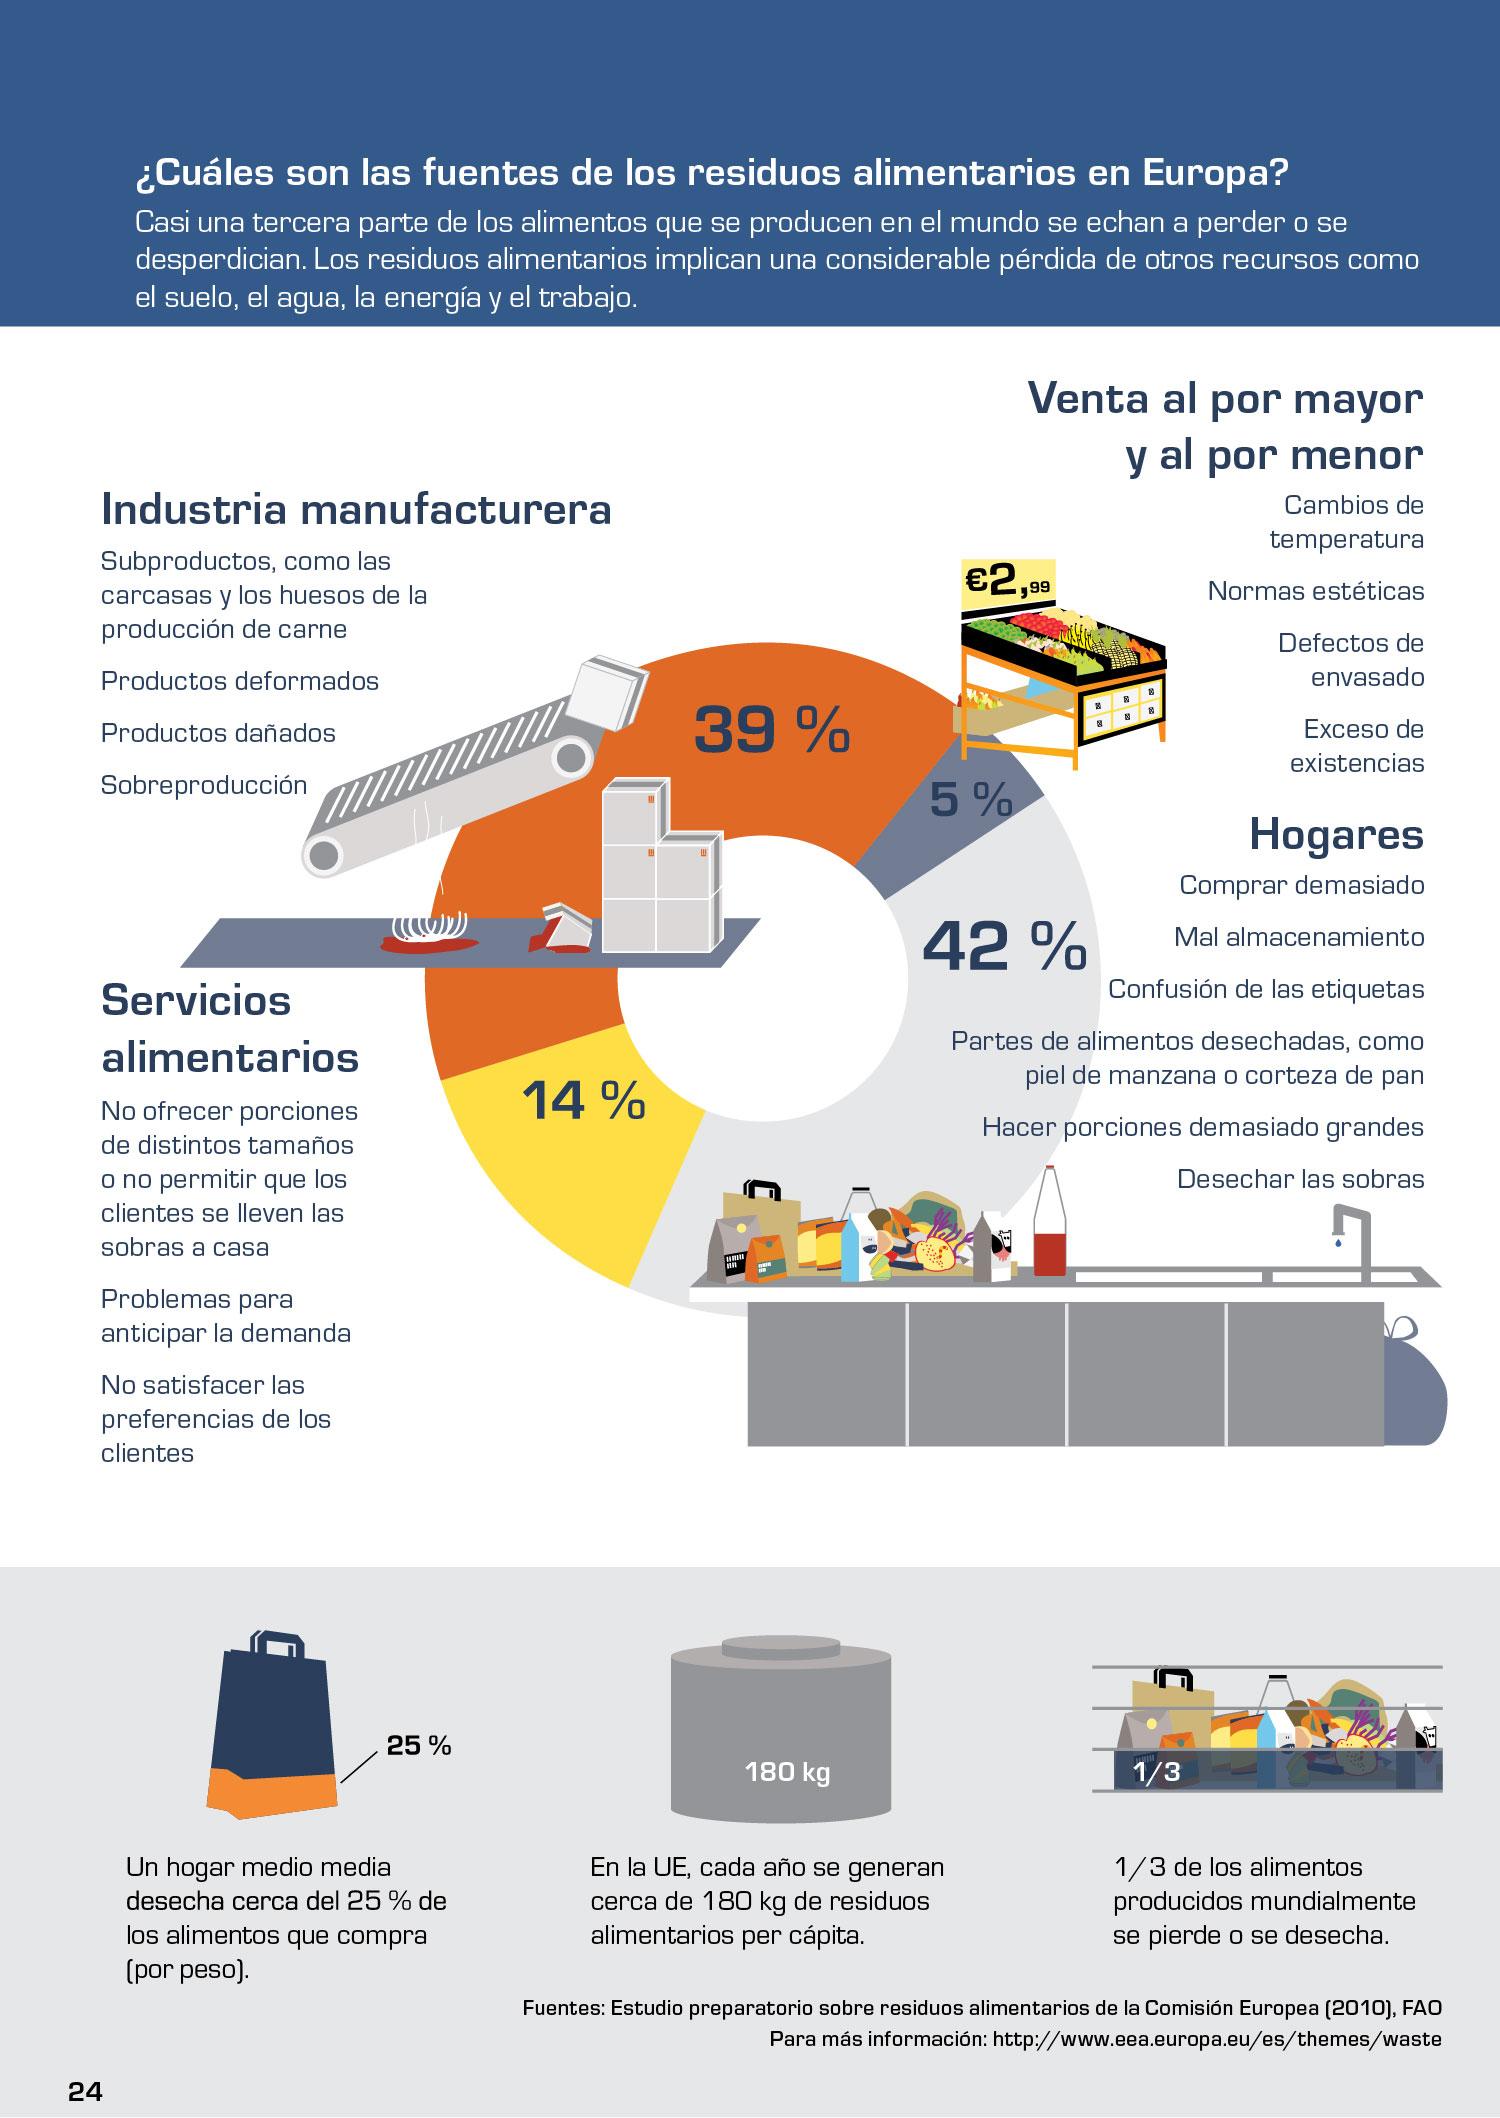 ¿Cuáles son las fuentes de los residuos alimentarios en Europa?